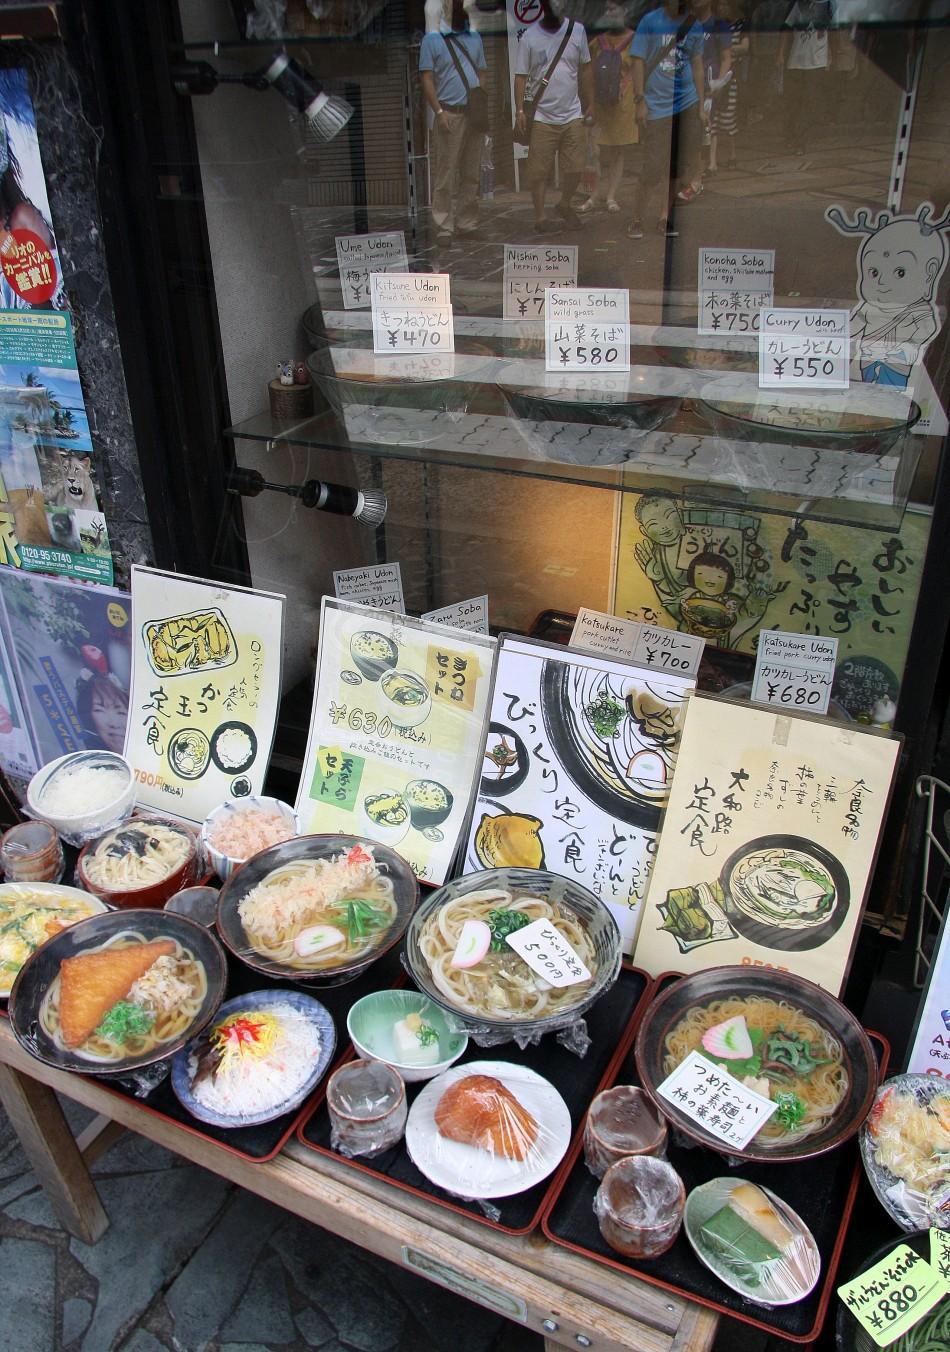 Comida de plástico japonesa